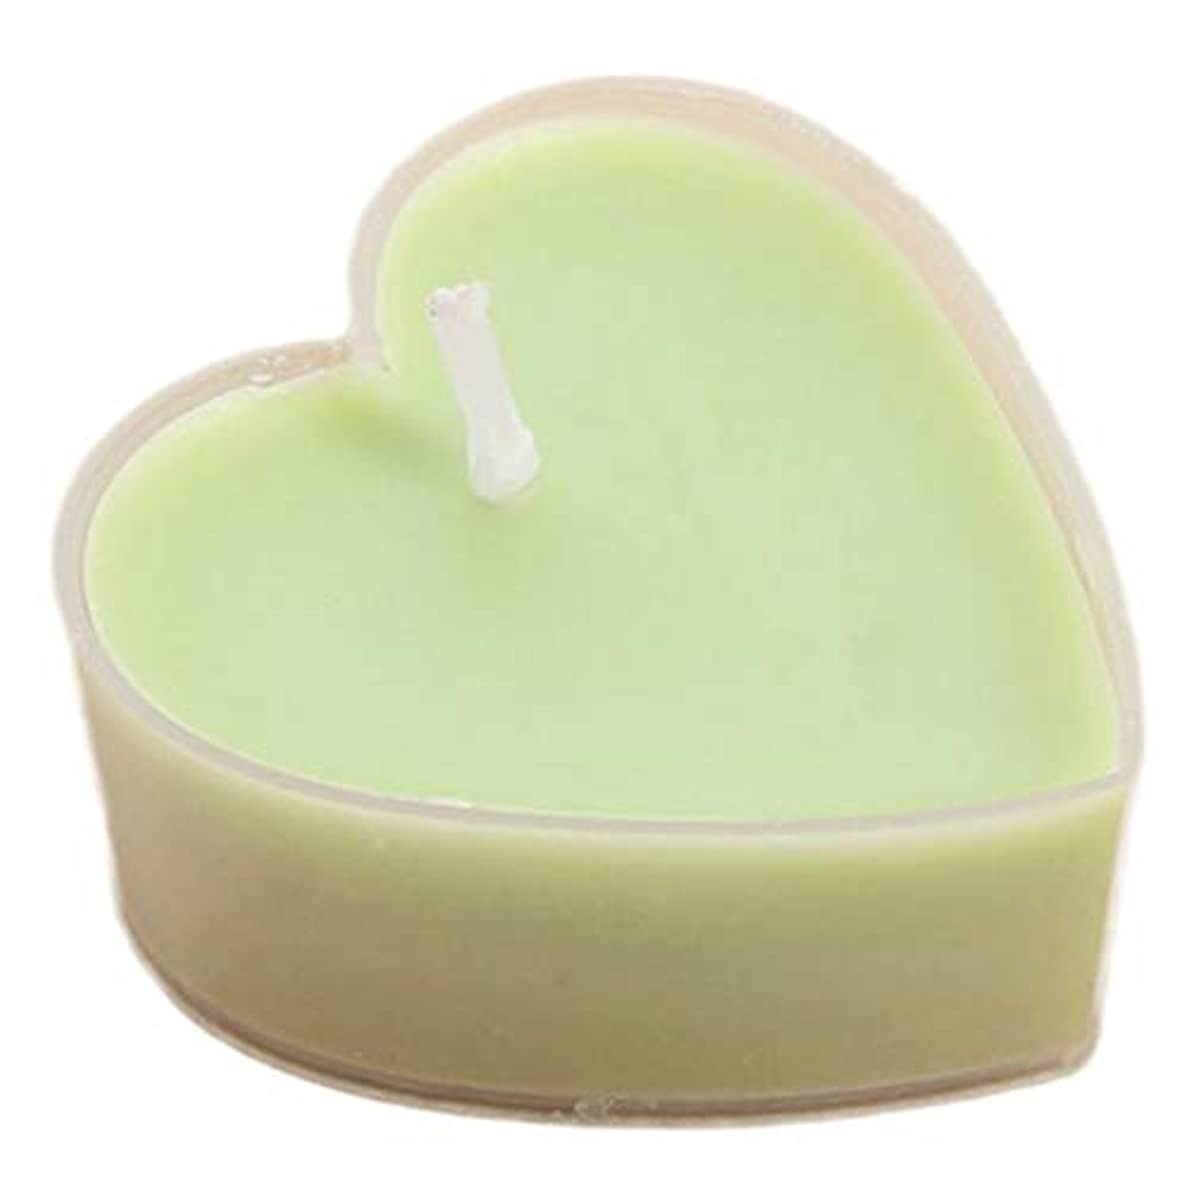 おとなしいピンク病的キャンドル、12のハート型の香り付きキャンドルスタンド付き、無煙ティーライトギフトセットホームデコレーション入浴ヨガクリスマスバレンタインデー誕生日パーティーギフト装飾キャンドル (Color : Green)